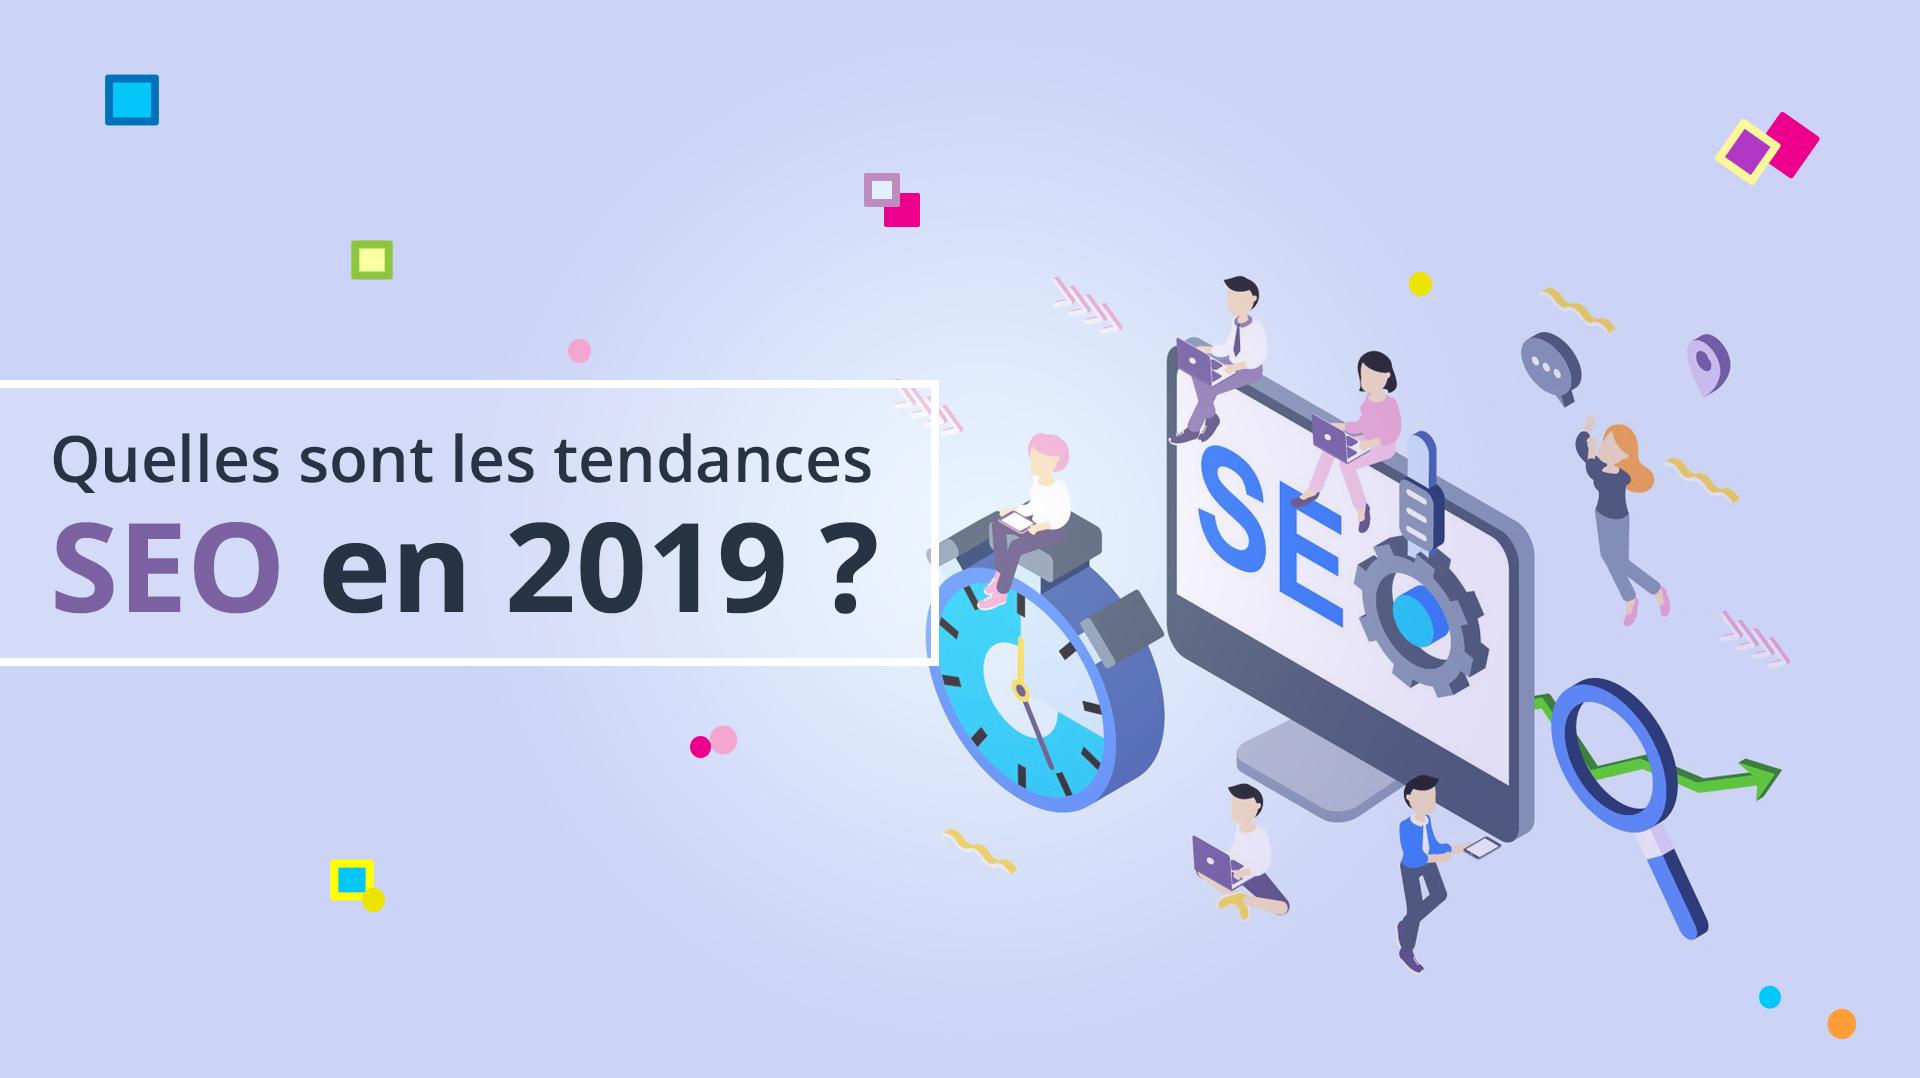 Illusatration Quelles sont les tendances SEO pour 2019 ?